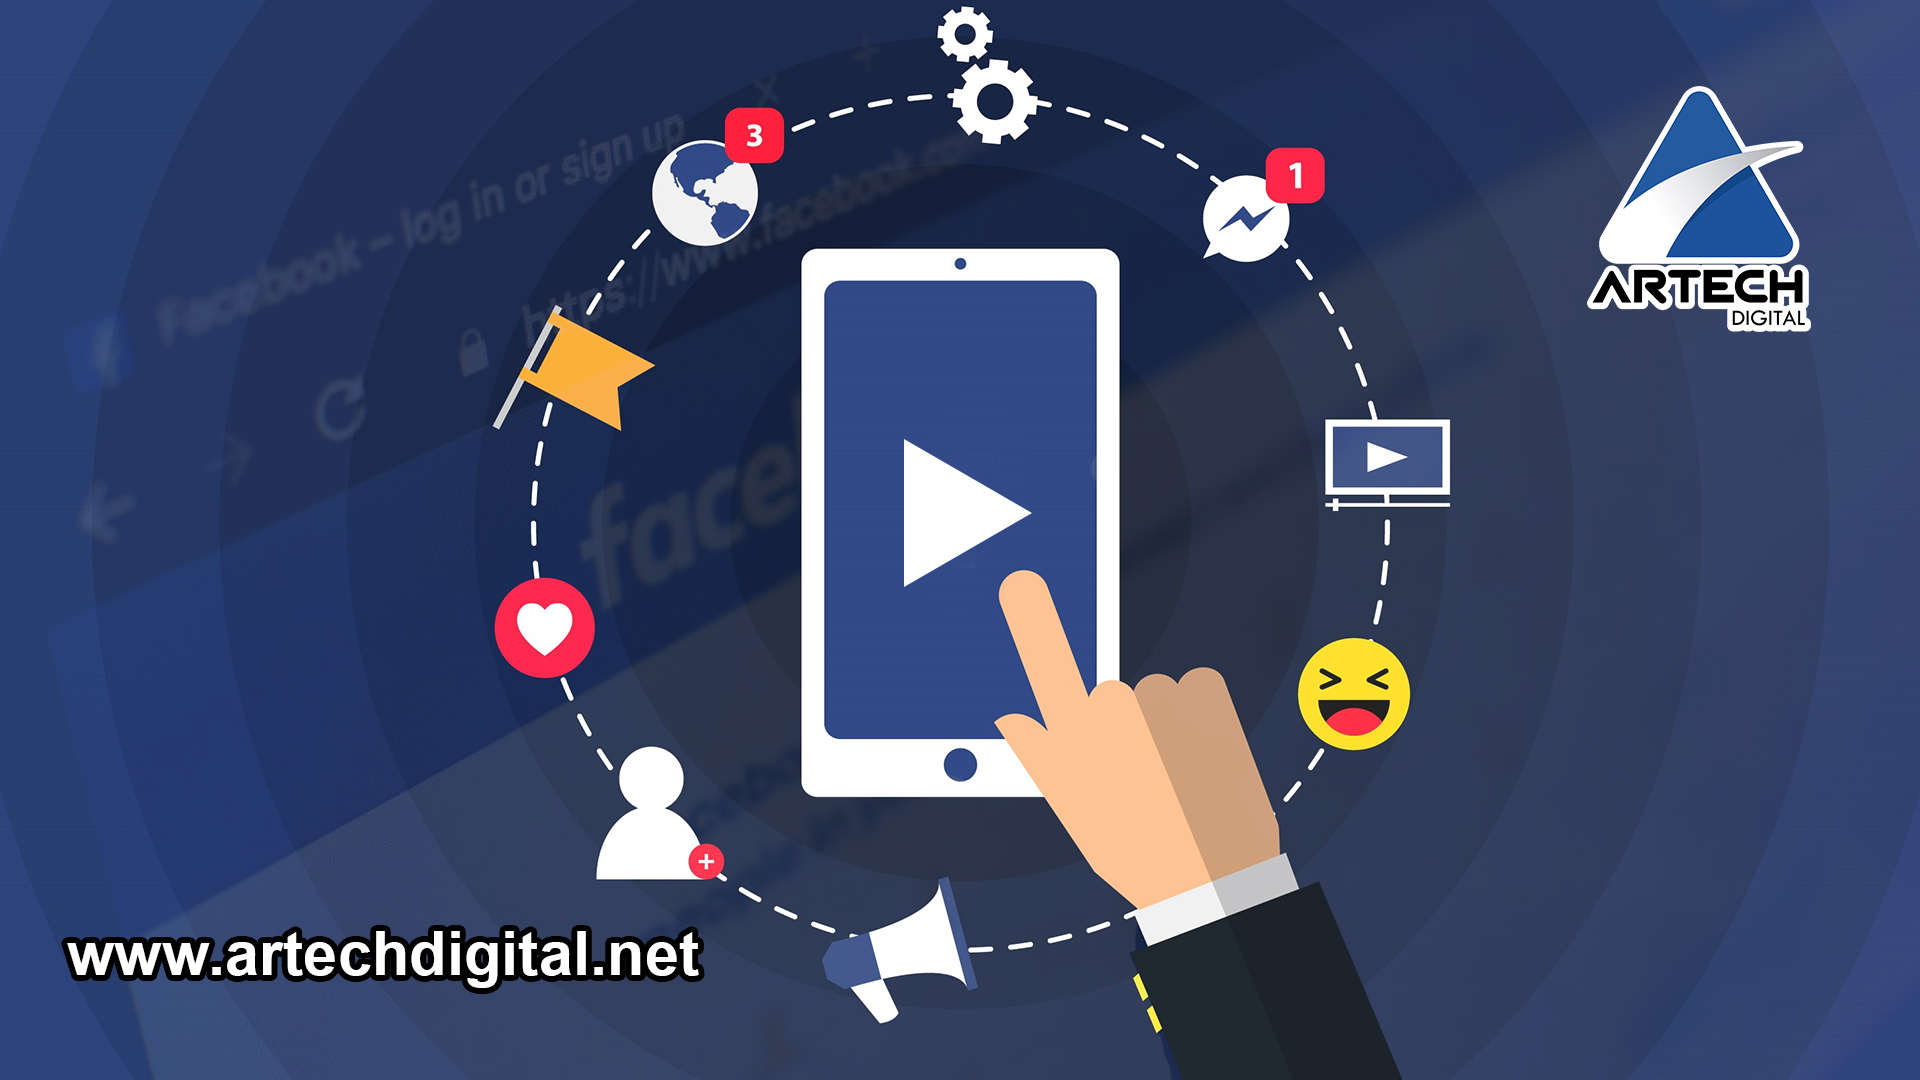 Aumentar audiencia en Facebook - Artech Digital